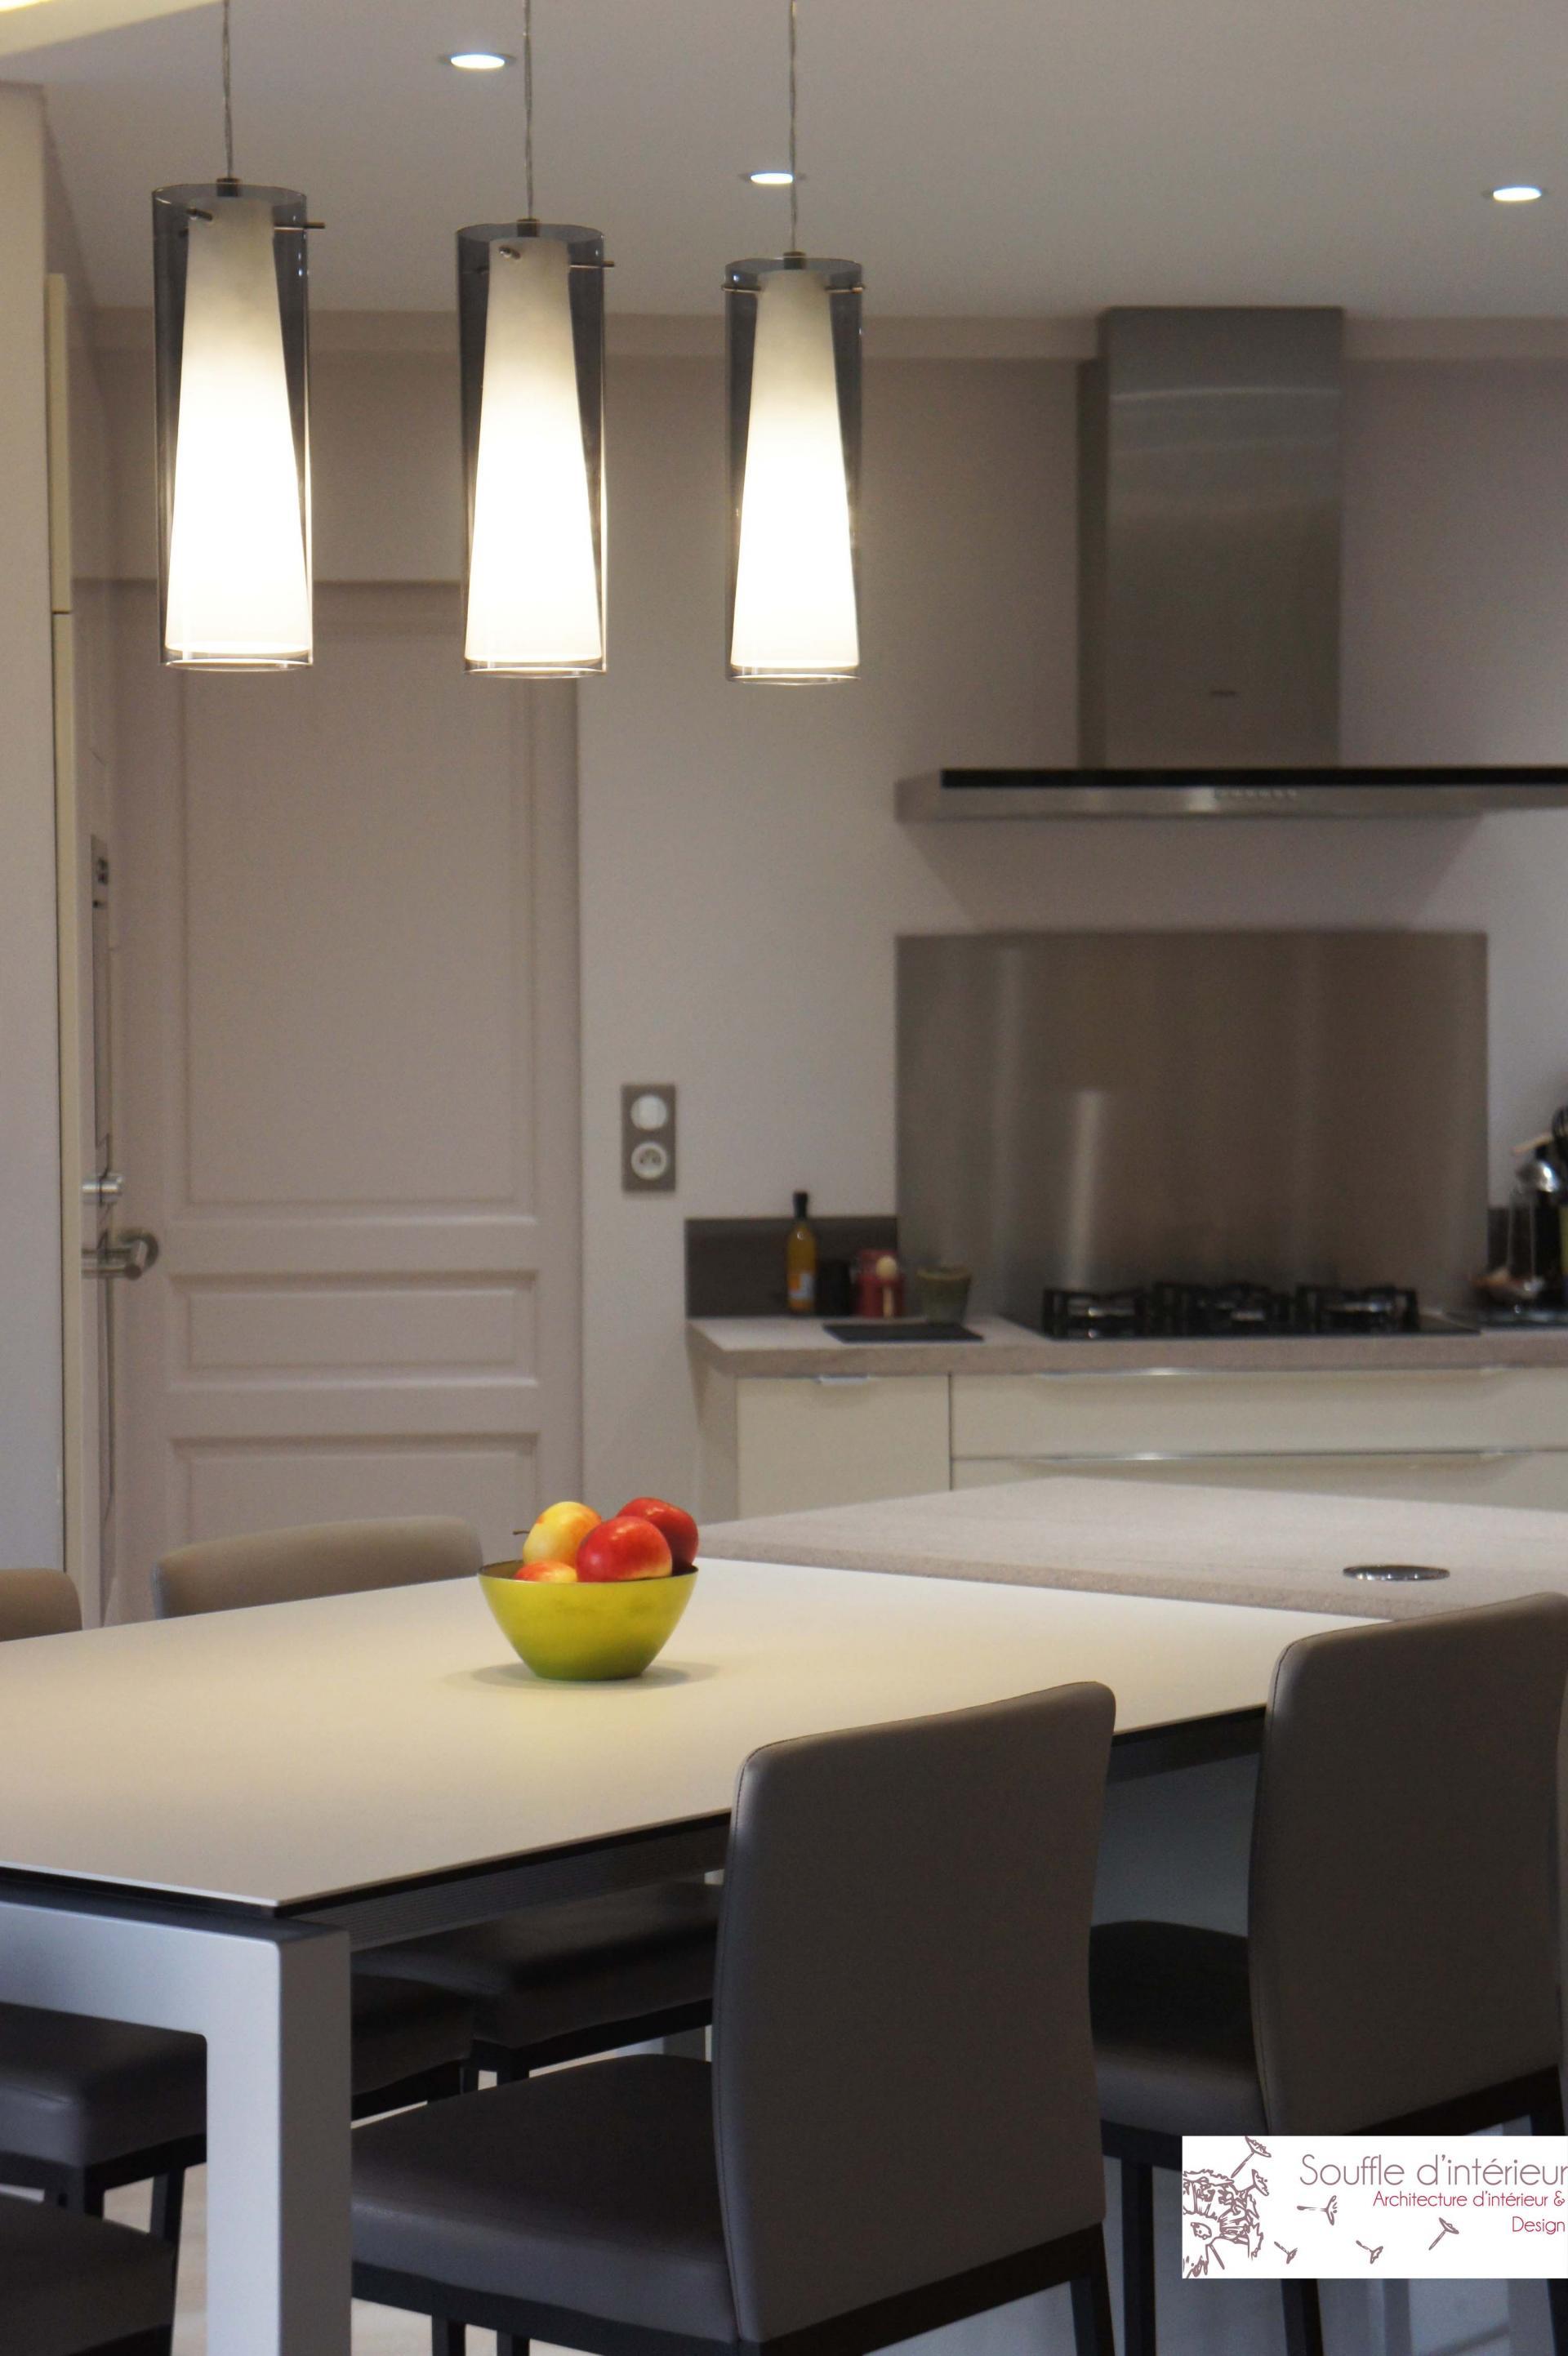 Projet-reamenagement-cuisine-LHopital-Campfrout-7_web